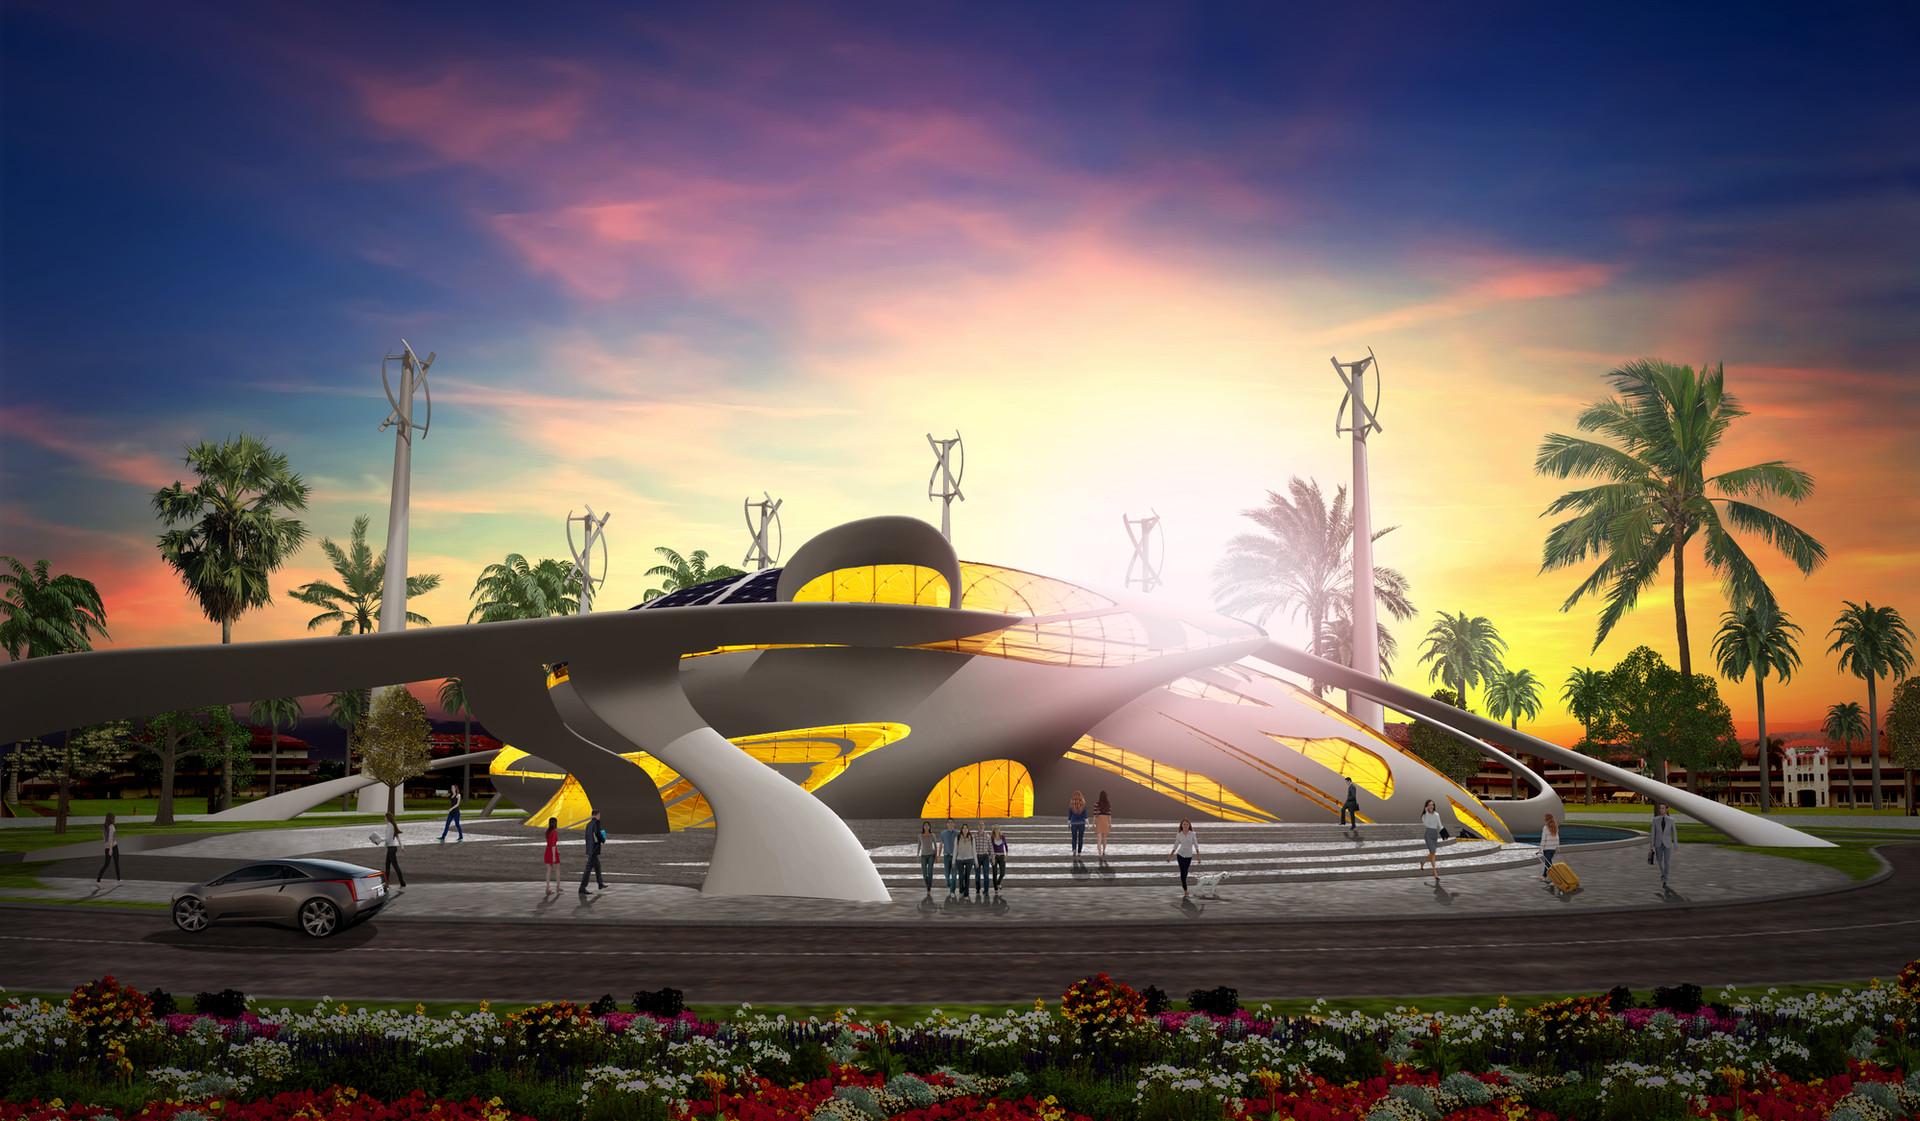 Centro sostenible para el desarrollo, cultura y arte Imaginari - Panamá